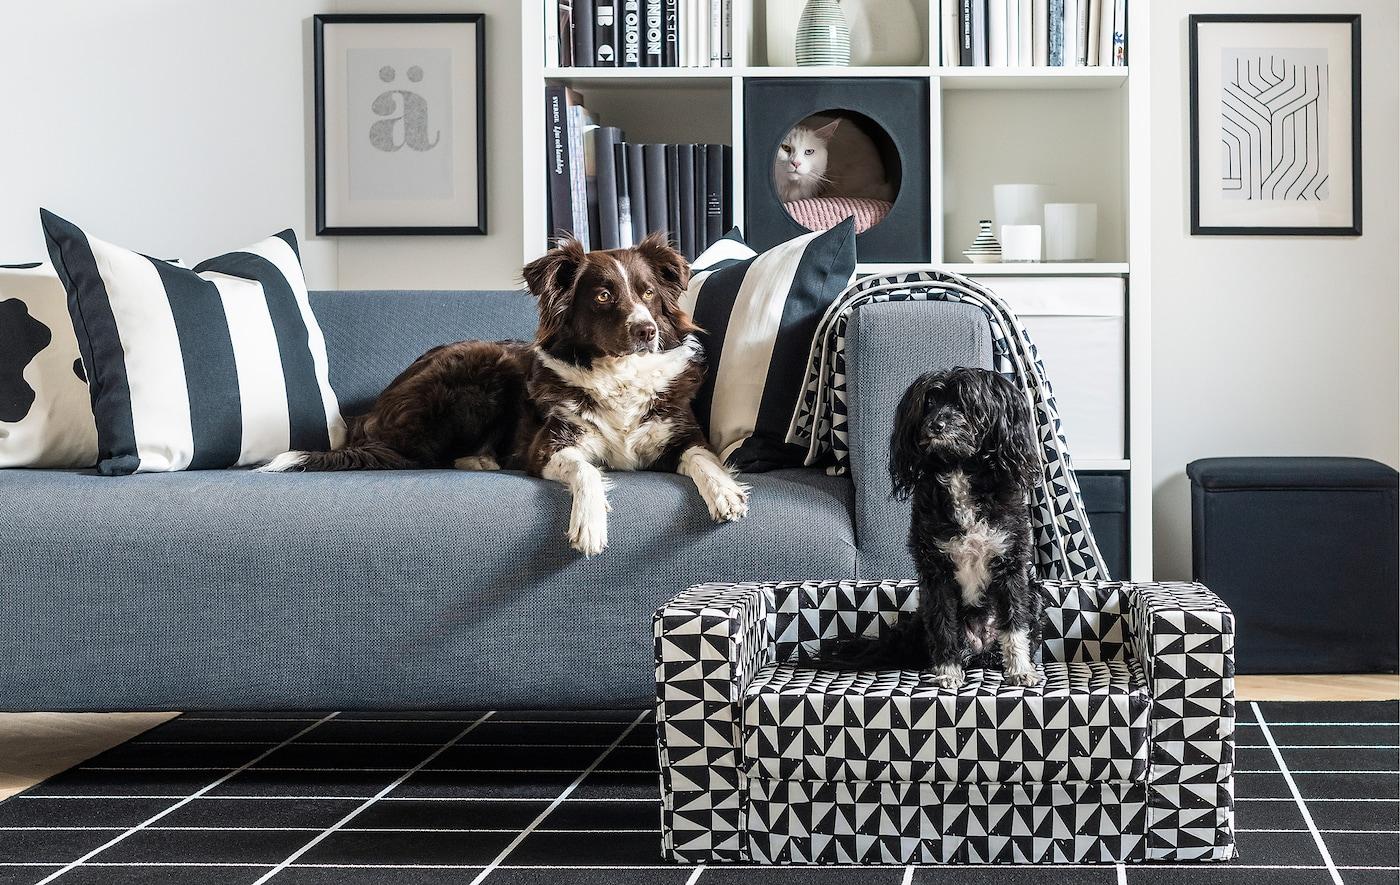 Intérieur d'une salle de séjour, un chien couché sur un canapé, un autre sur un canapé pour chien, un chat qui sort la tête d'une maison pour chat placée dans une bibliothèque.